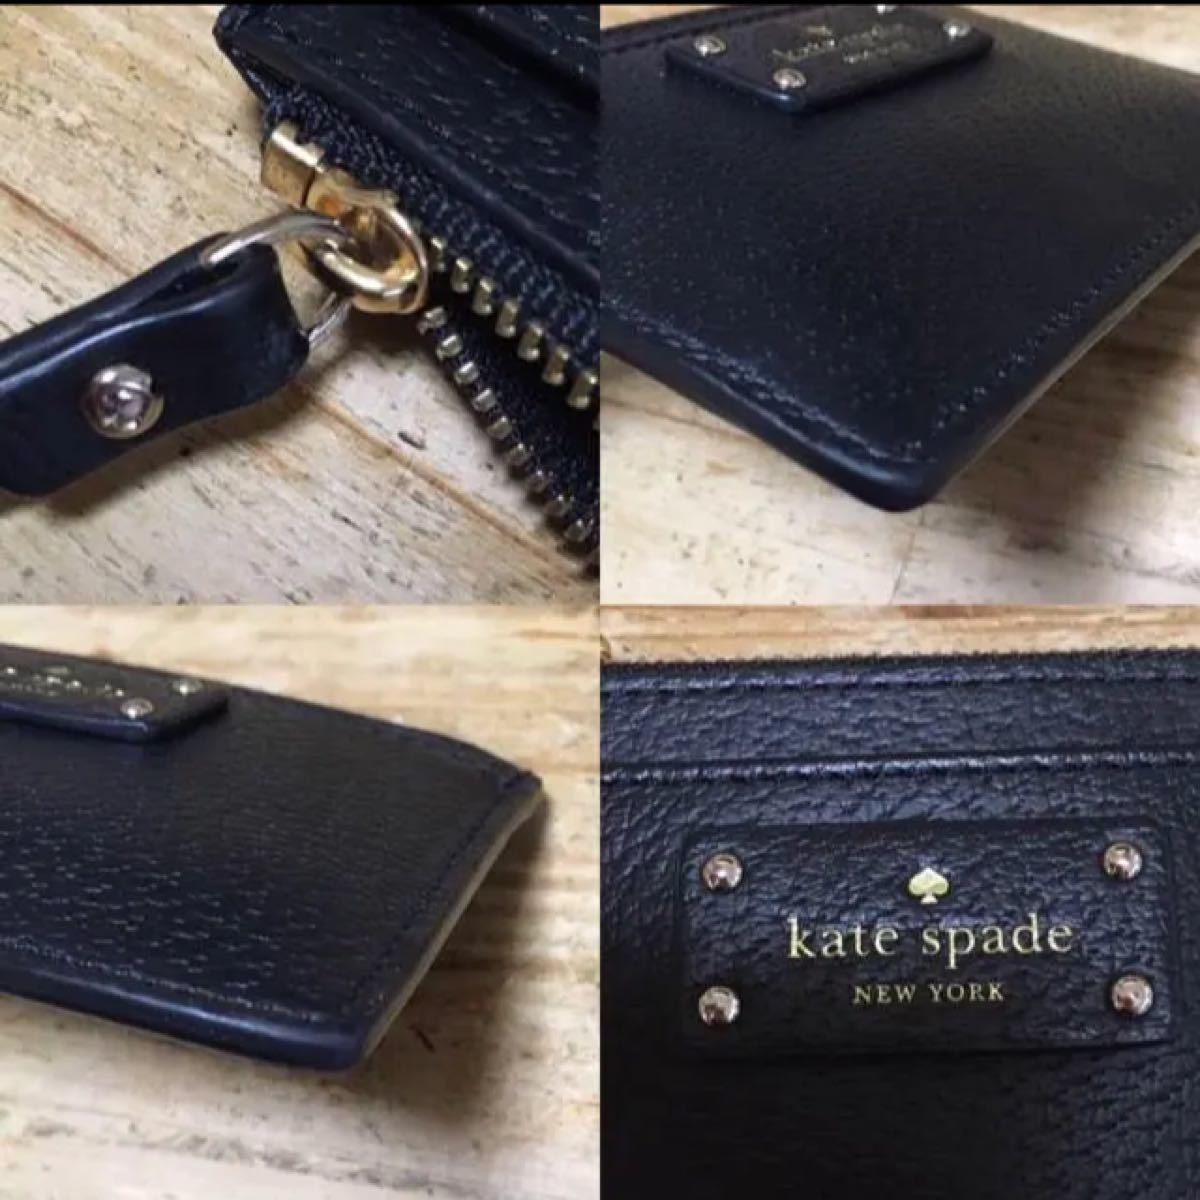 Kate spade ケイトスペード カードケース コインケース 財布